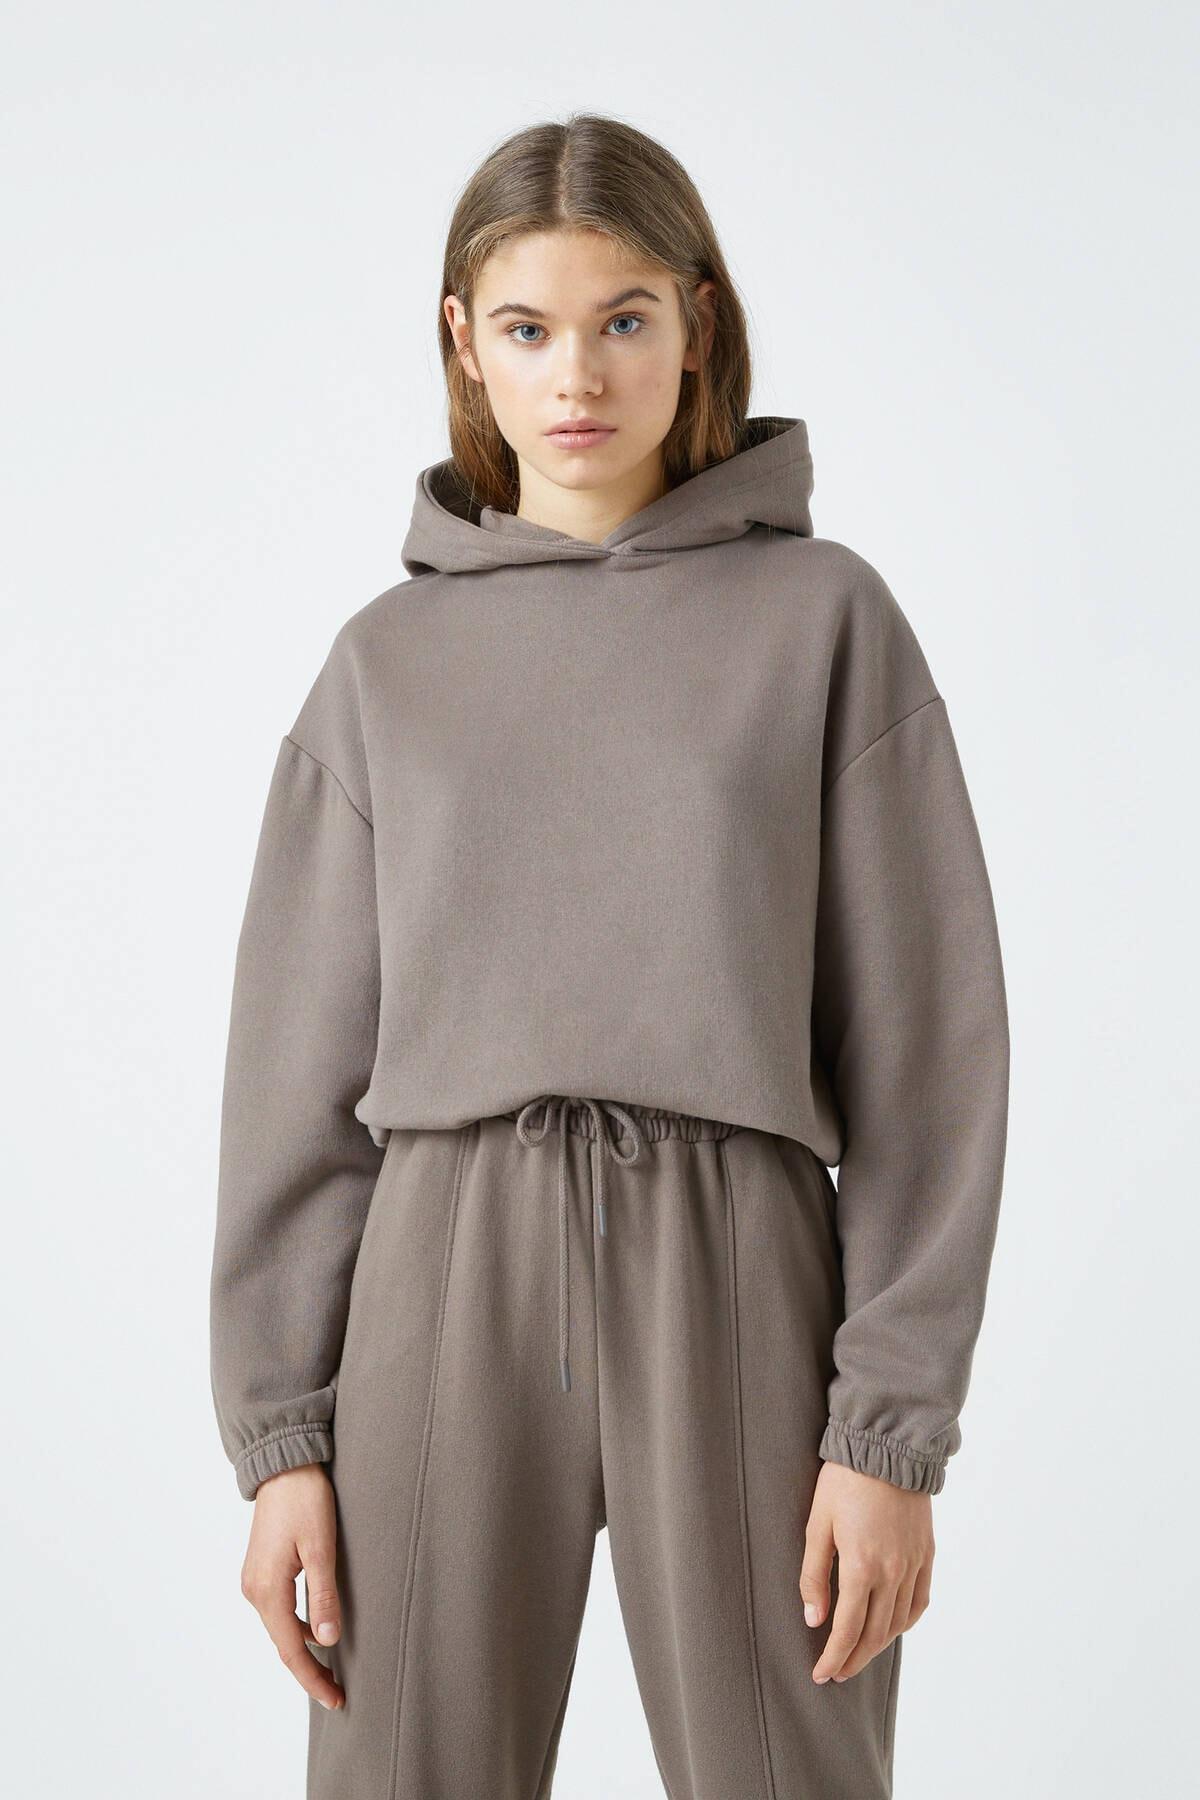 Pull & Bear Kadın Boz Gri Elastik Kenarlı Kapüşonlu Sweatshirt 04591309 0